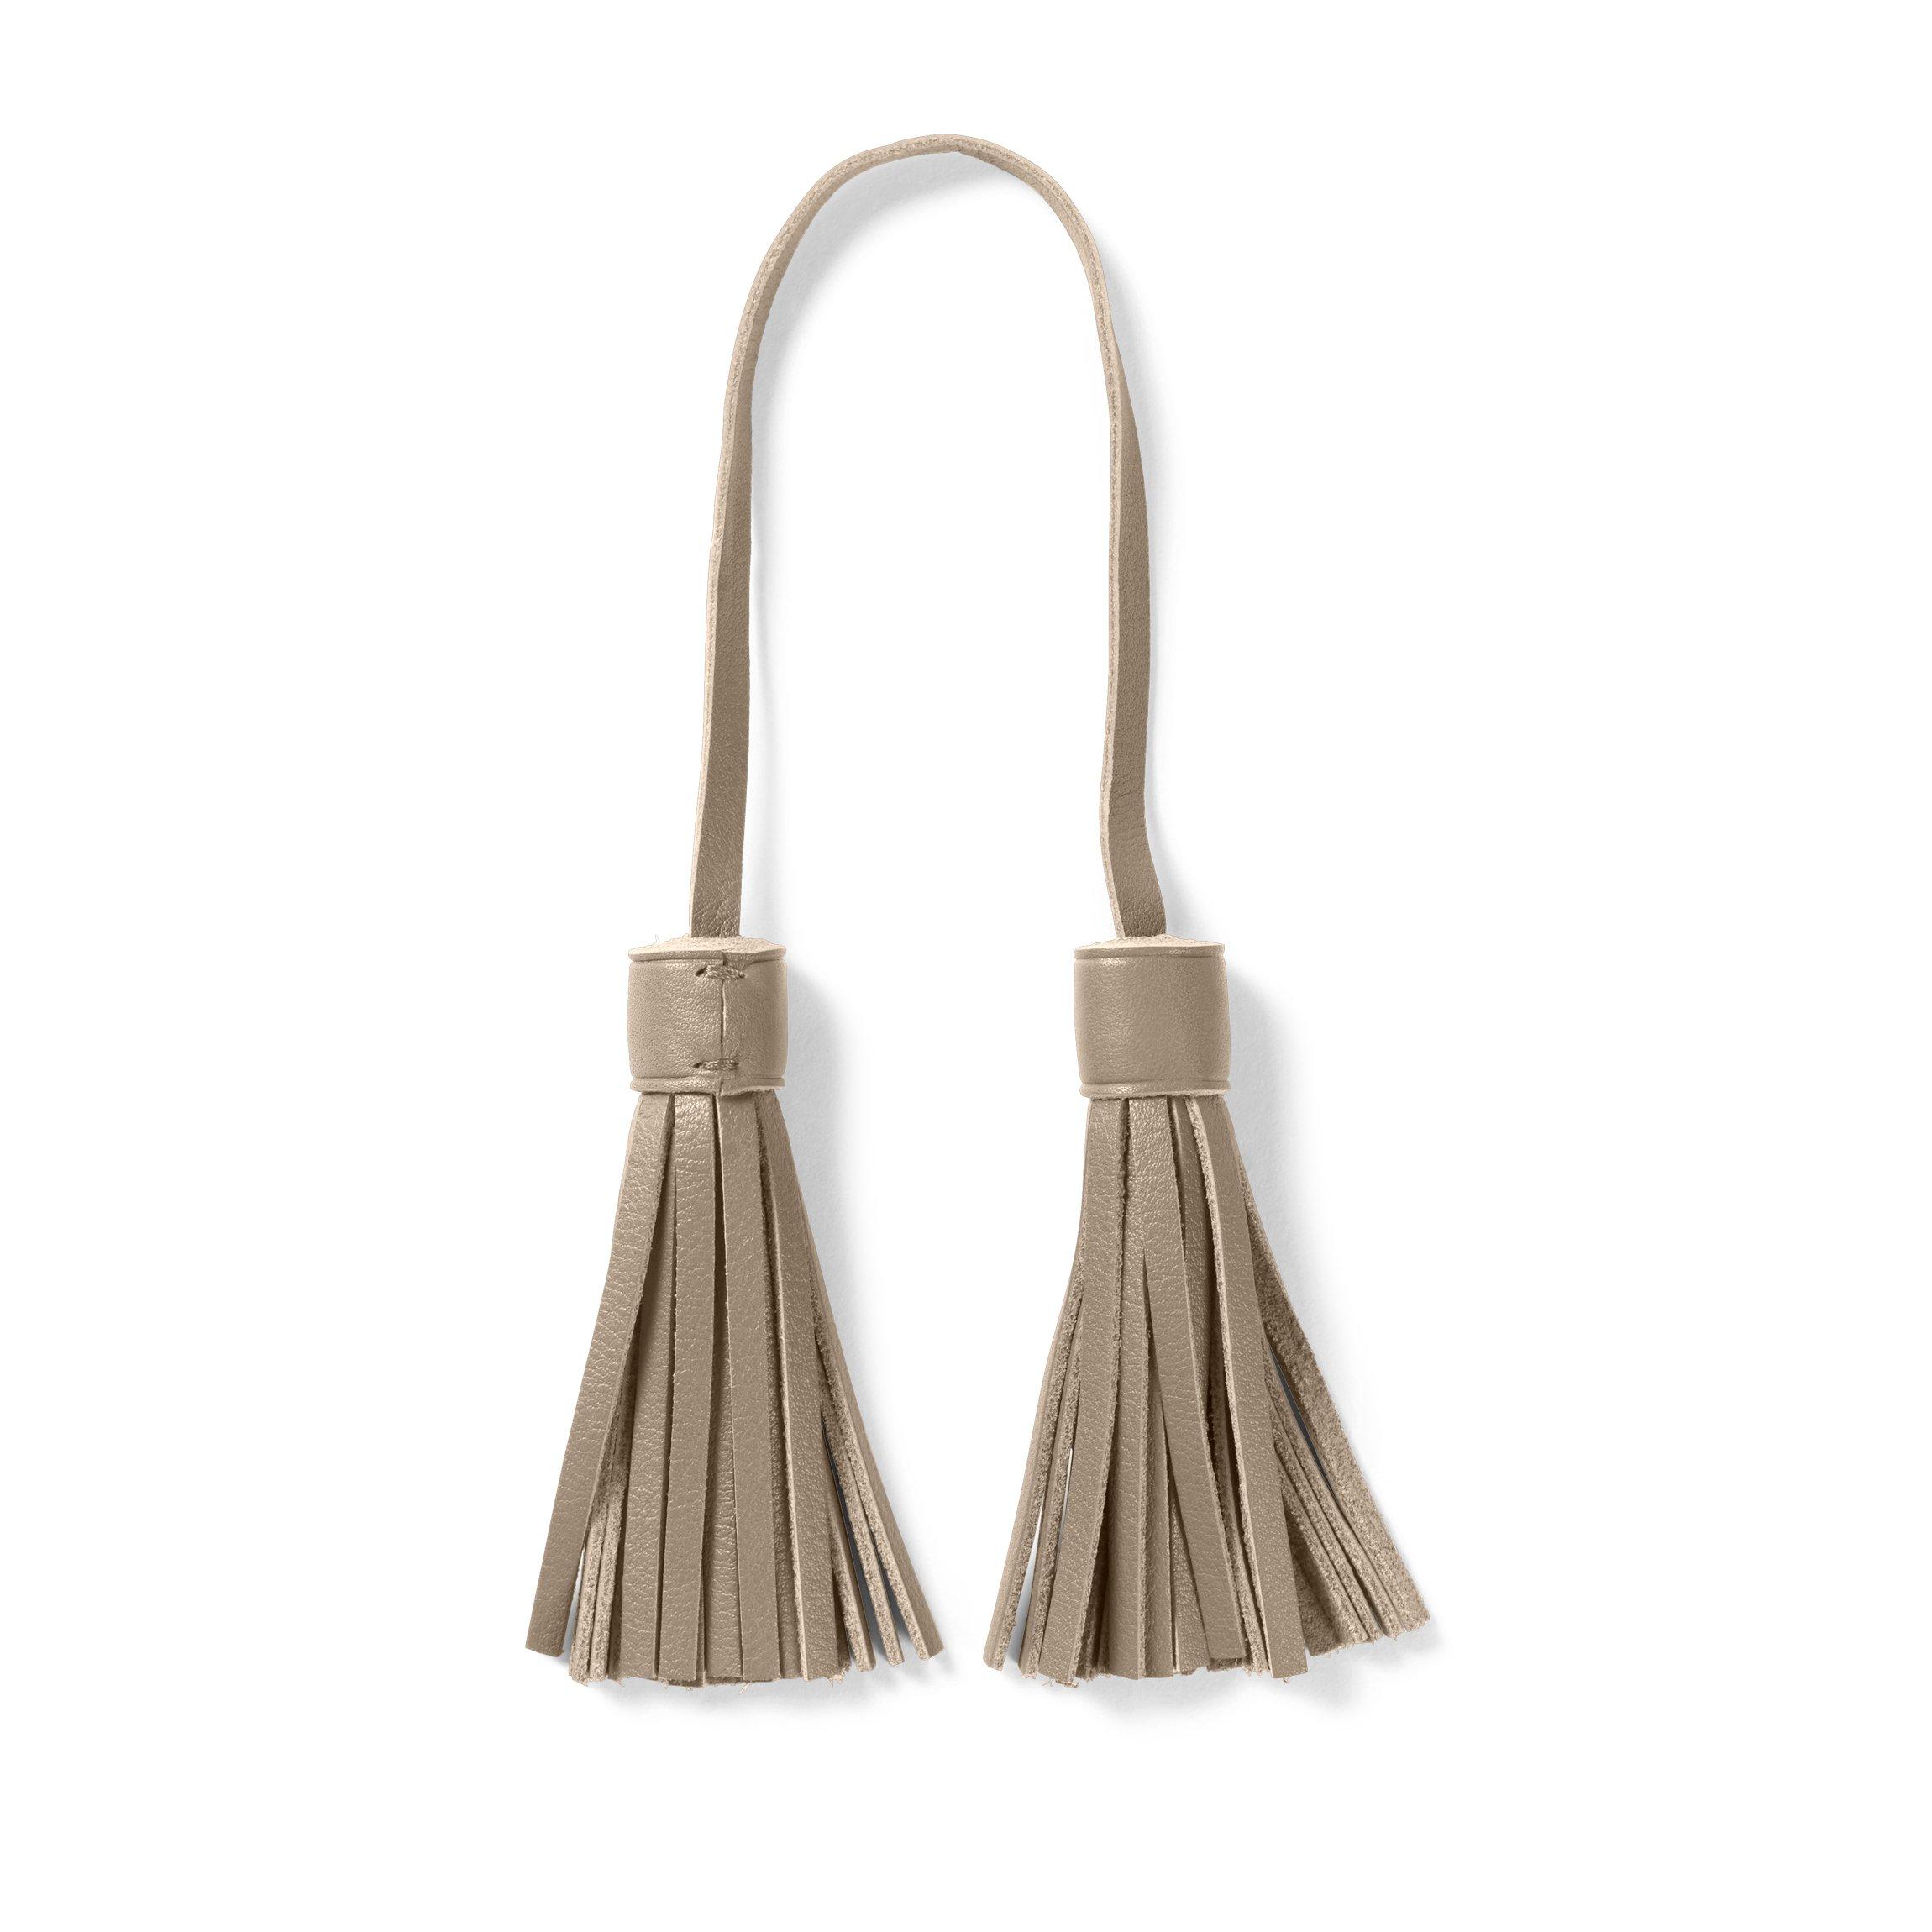 Tassel Bag Tag - Full Grain Leather Leather - Ginger (gray)